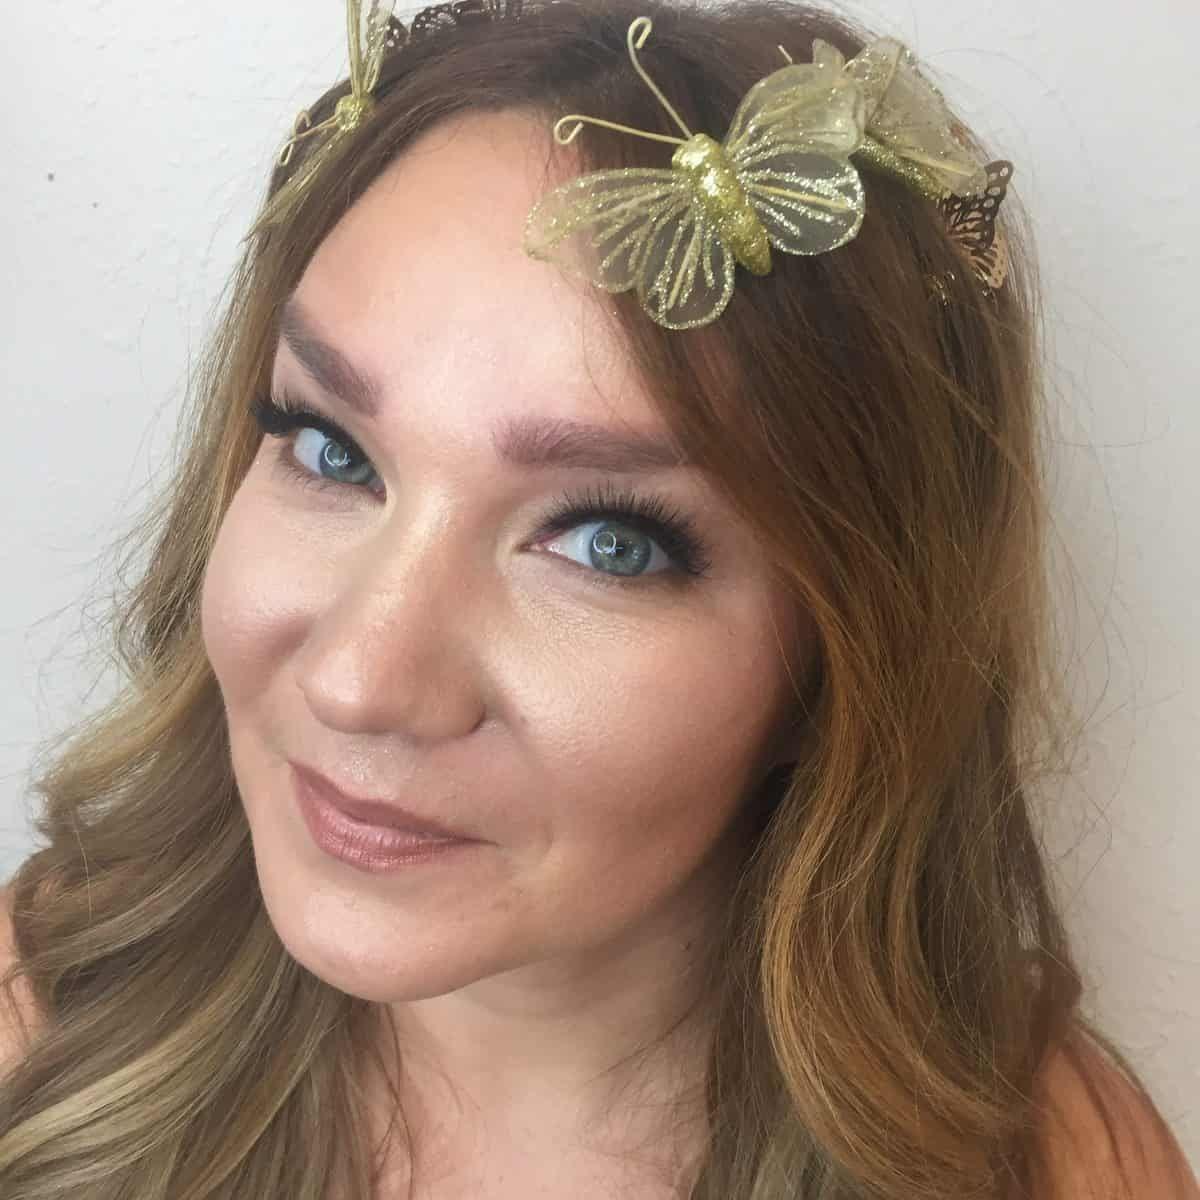 Na maquiagem de Halloween de tendência para mulheres reais